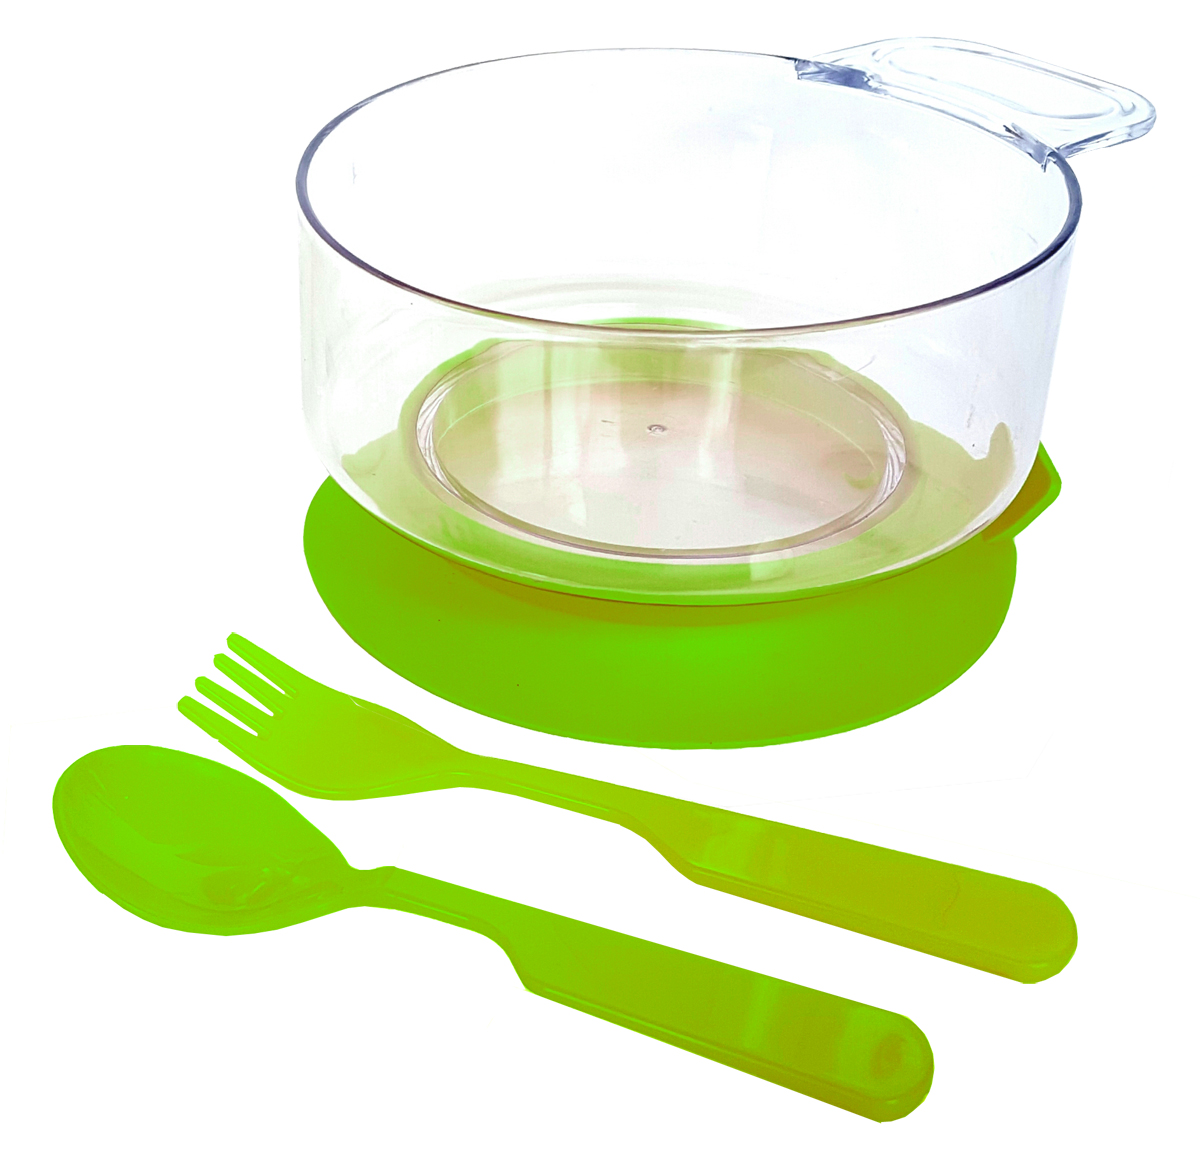 Набор детской посуды цвет салатовый 3 предмета 12131213салатНабор посуды из 3-х предметов, идеальный для начала самостоятельного питания малыша. Произведено в России из безопасного пищевого пластика. Форма изготовлена по лучшим европейским технологиям. Эргономичные и безопасные ложка-вилка. Глубокая тарелка с ручкой на съемной присоске предотвращает скольжение по столу и переворачивание. Яркие цвета и удобная форма обеспечивают удовольствие от кормления. Можно мыть в посудомоечной машине и ставить в СВЧ (снять присоску с тарелки!).Тарелка х 1шт; Вилка для малыша дошкольного возраста х 1 шт; Ложка для малыша дошкольного возраста х 1 шт.